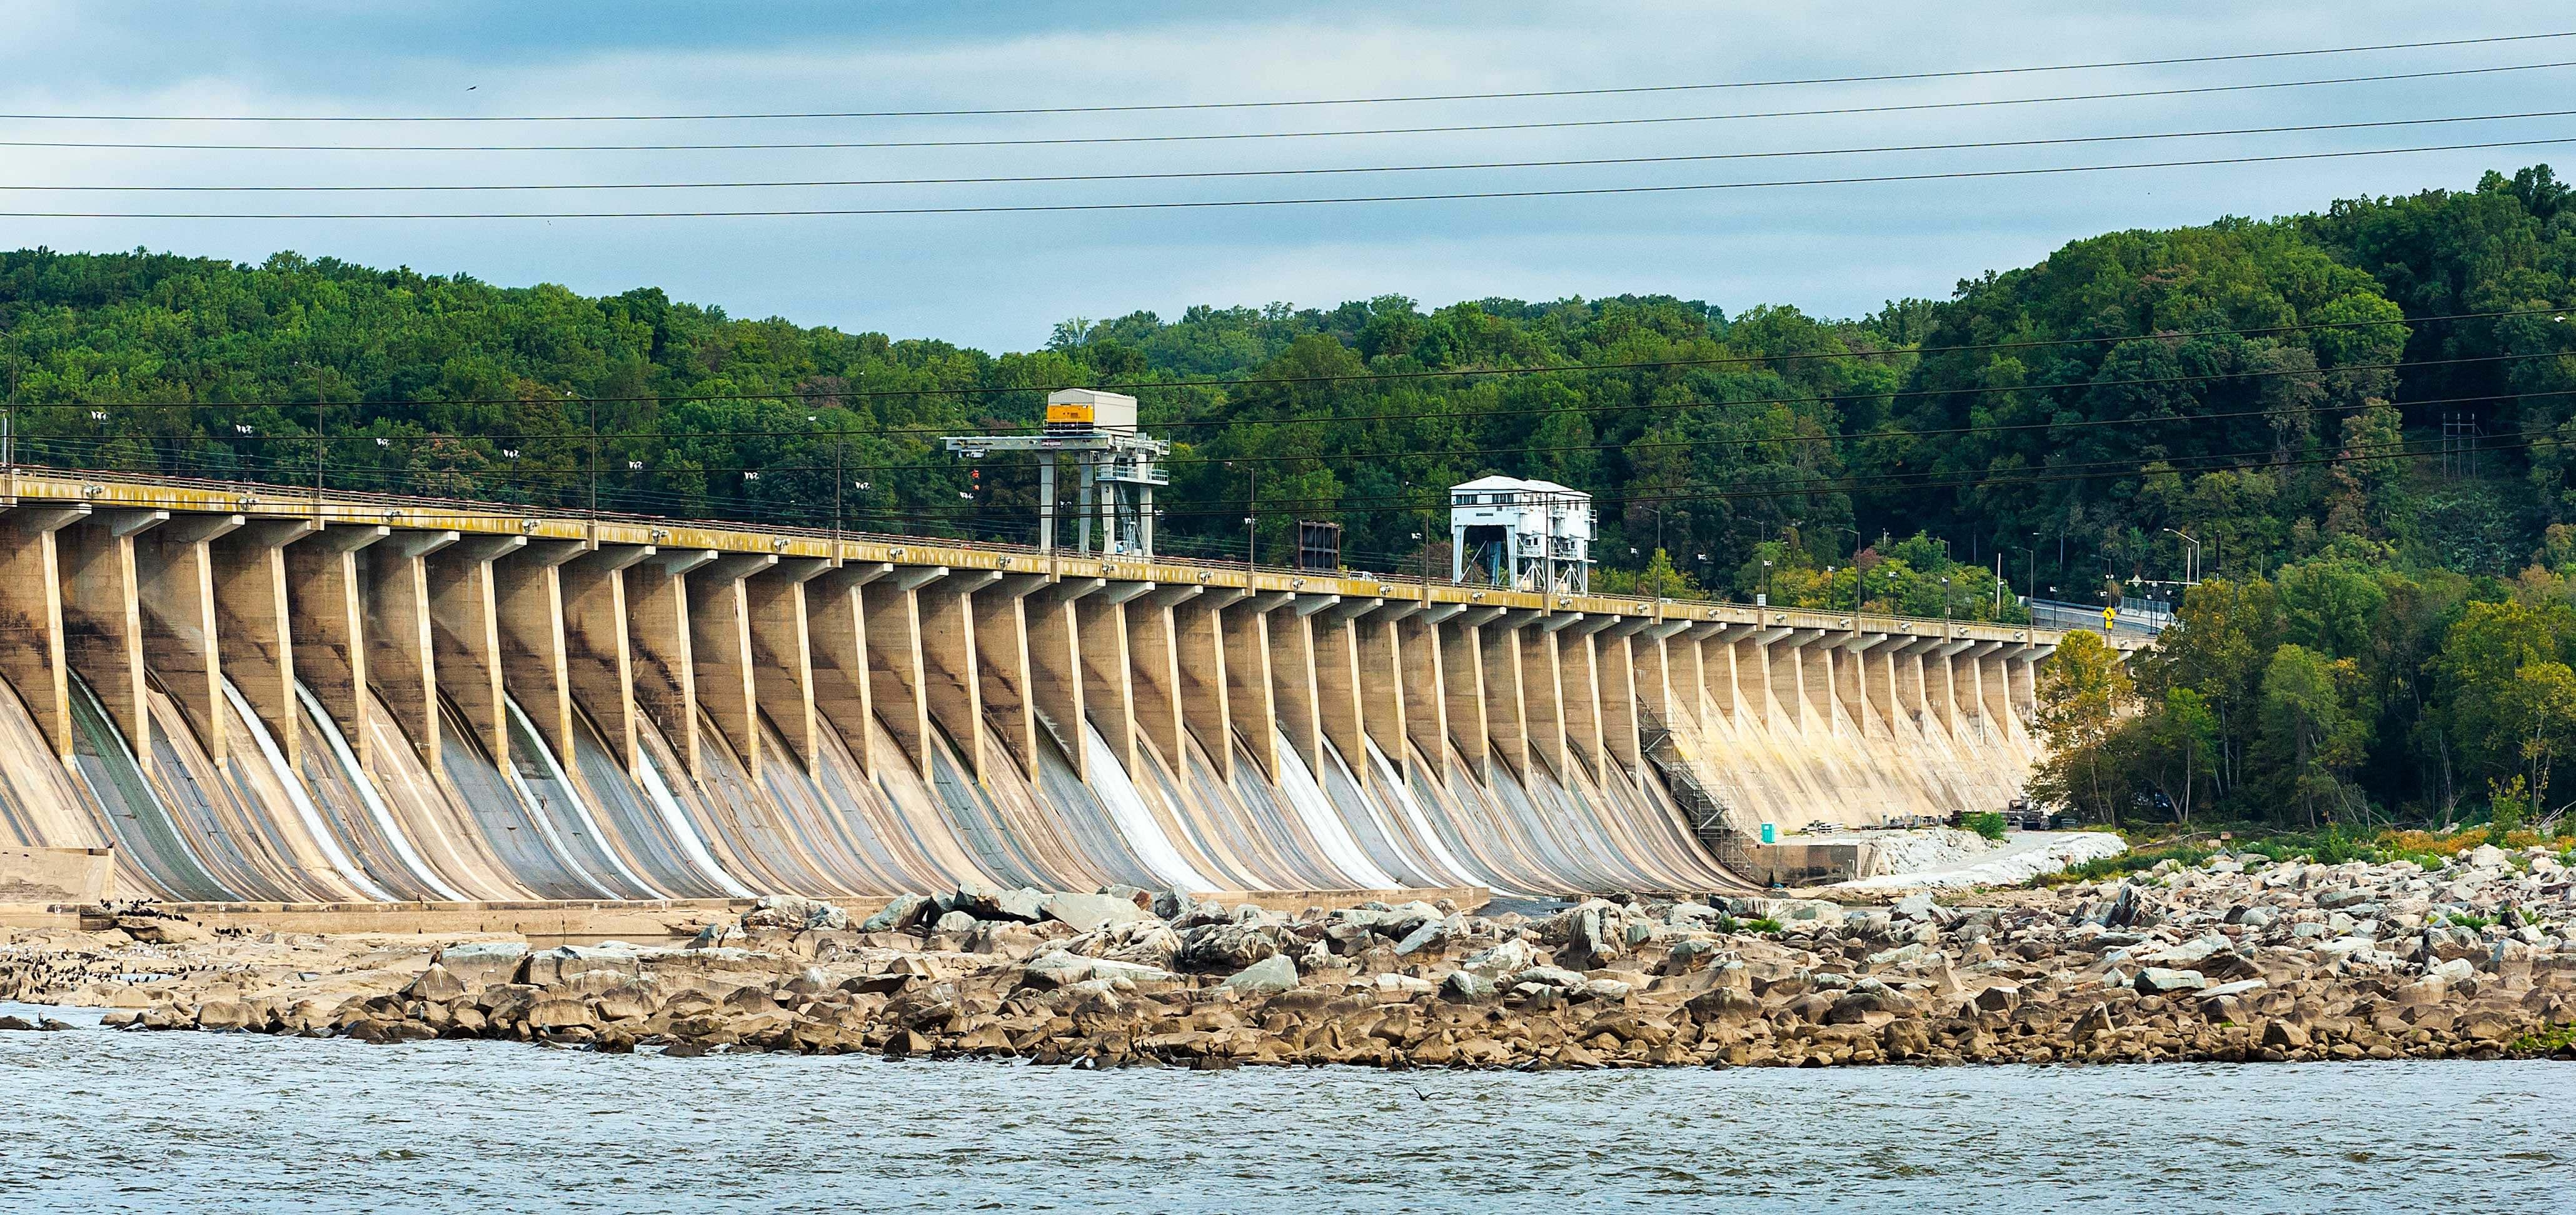 Image: conowingo dam